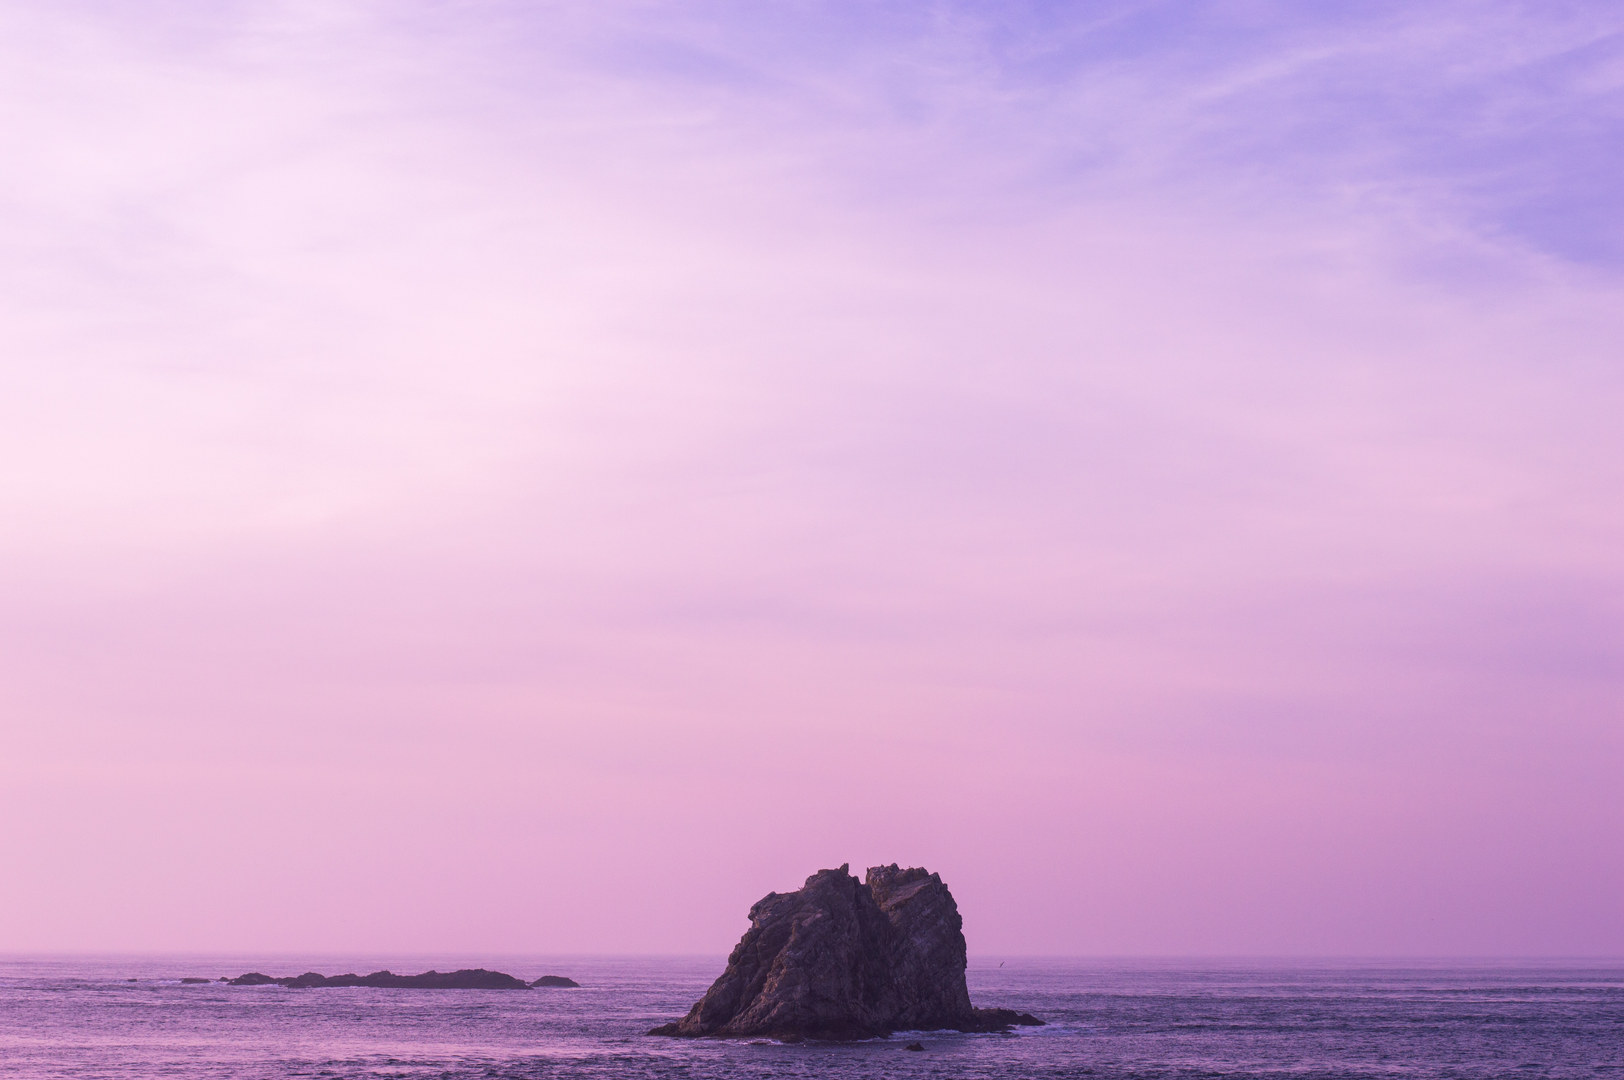 Purple-Sky-Sea-Space-Ocean-Island-Nested-FengShui-ColorExploration